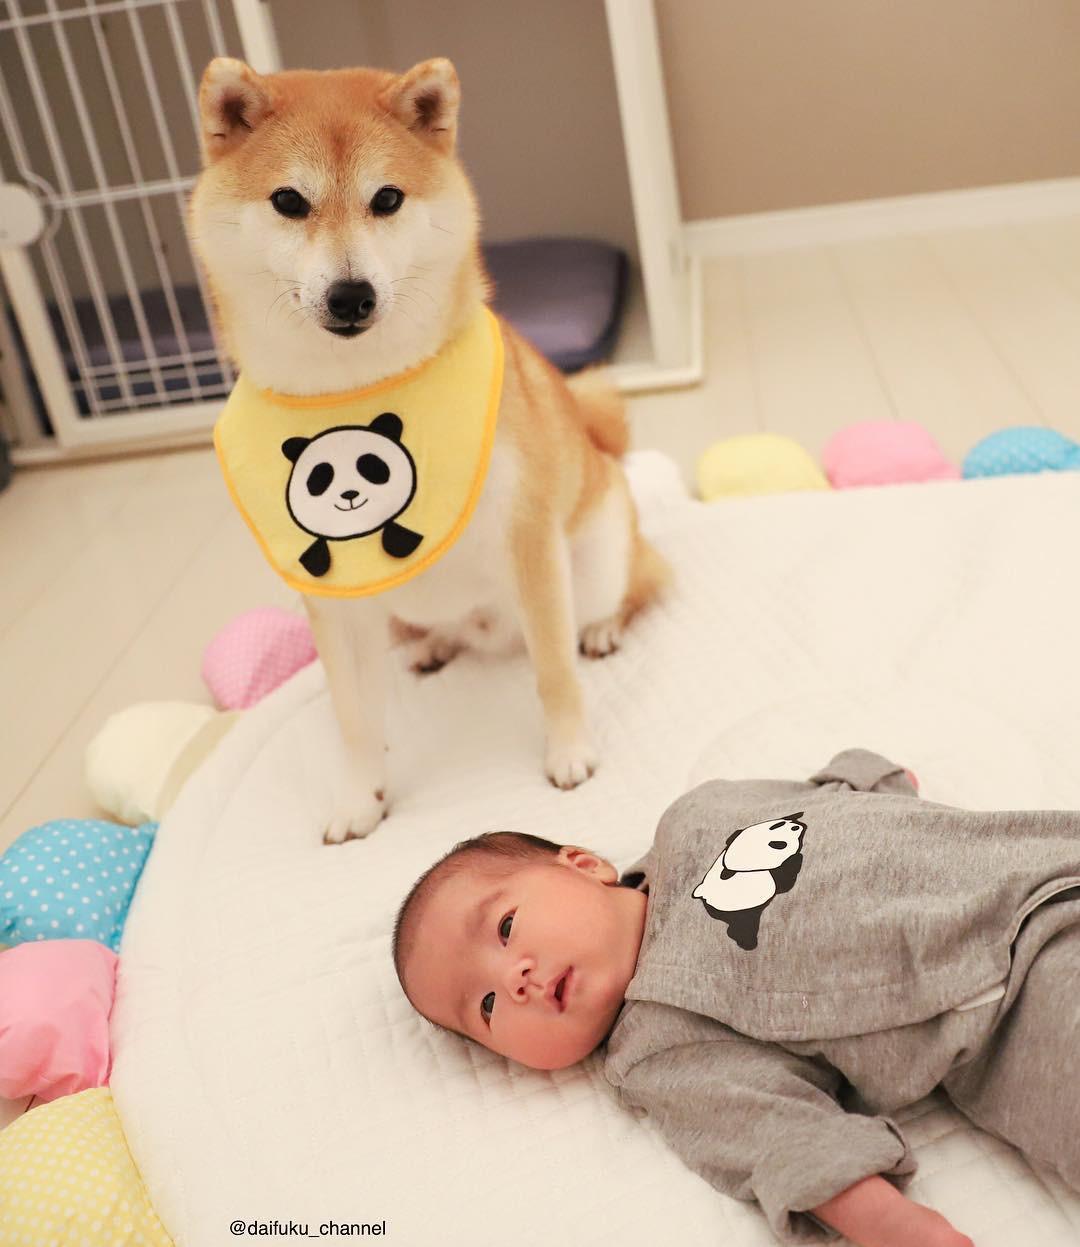 Không chỉ khôn ngoan và dễ thương, chú chó shiba biết dỗ trẻ đang khiến Internet tan chảy vì ngọt ngào quá! - Ảnh 10.